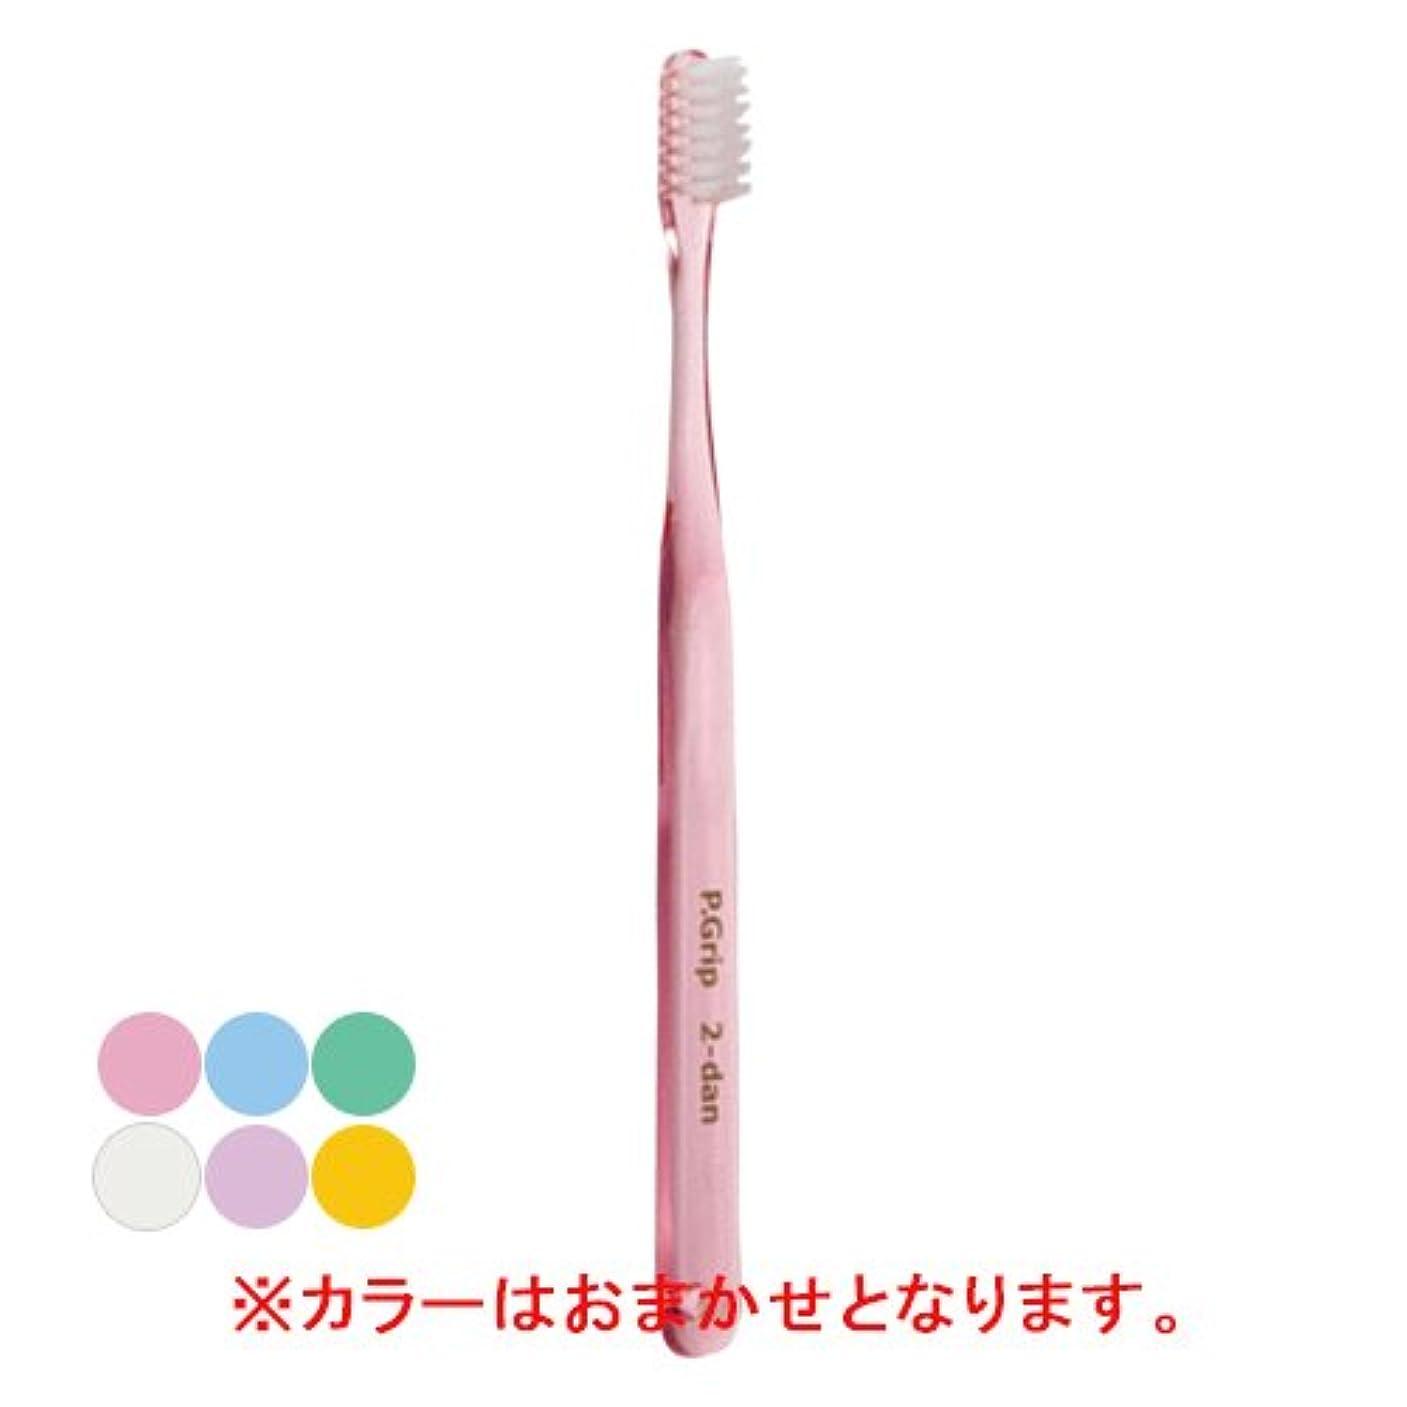 四半期利益石炭P.D.R.(ピーディーアール) P.Grip(ピーグリップ)歯ブラシ 二段植毛タイプ ソフト(やわらかめ) 1本